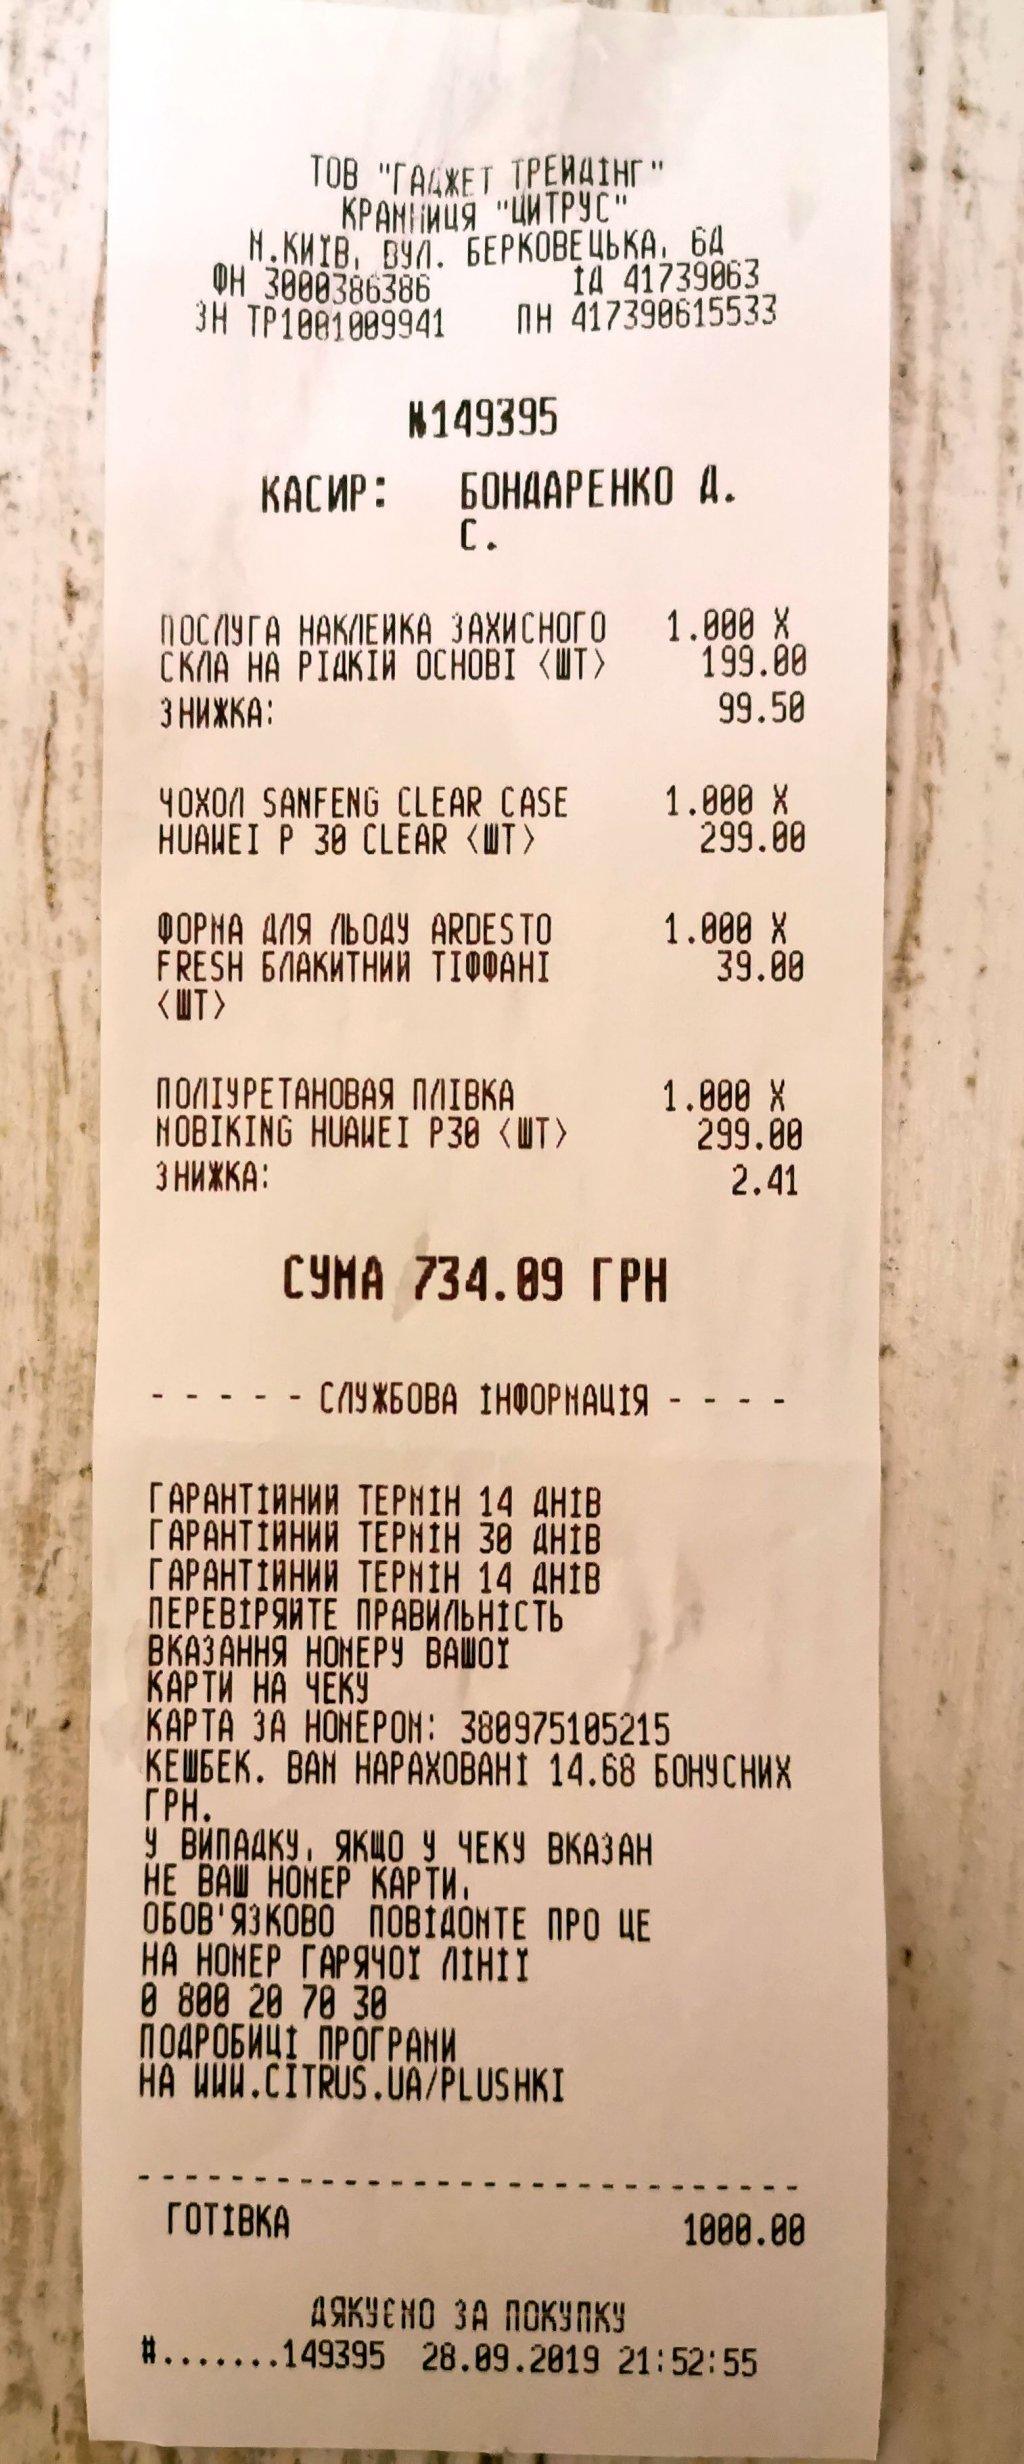 Интернет-магазин Цитрус (citrus.ua) - Обман на невнимательности клиента